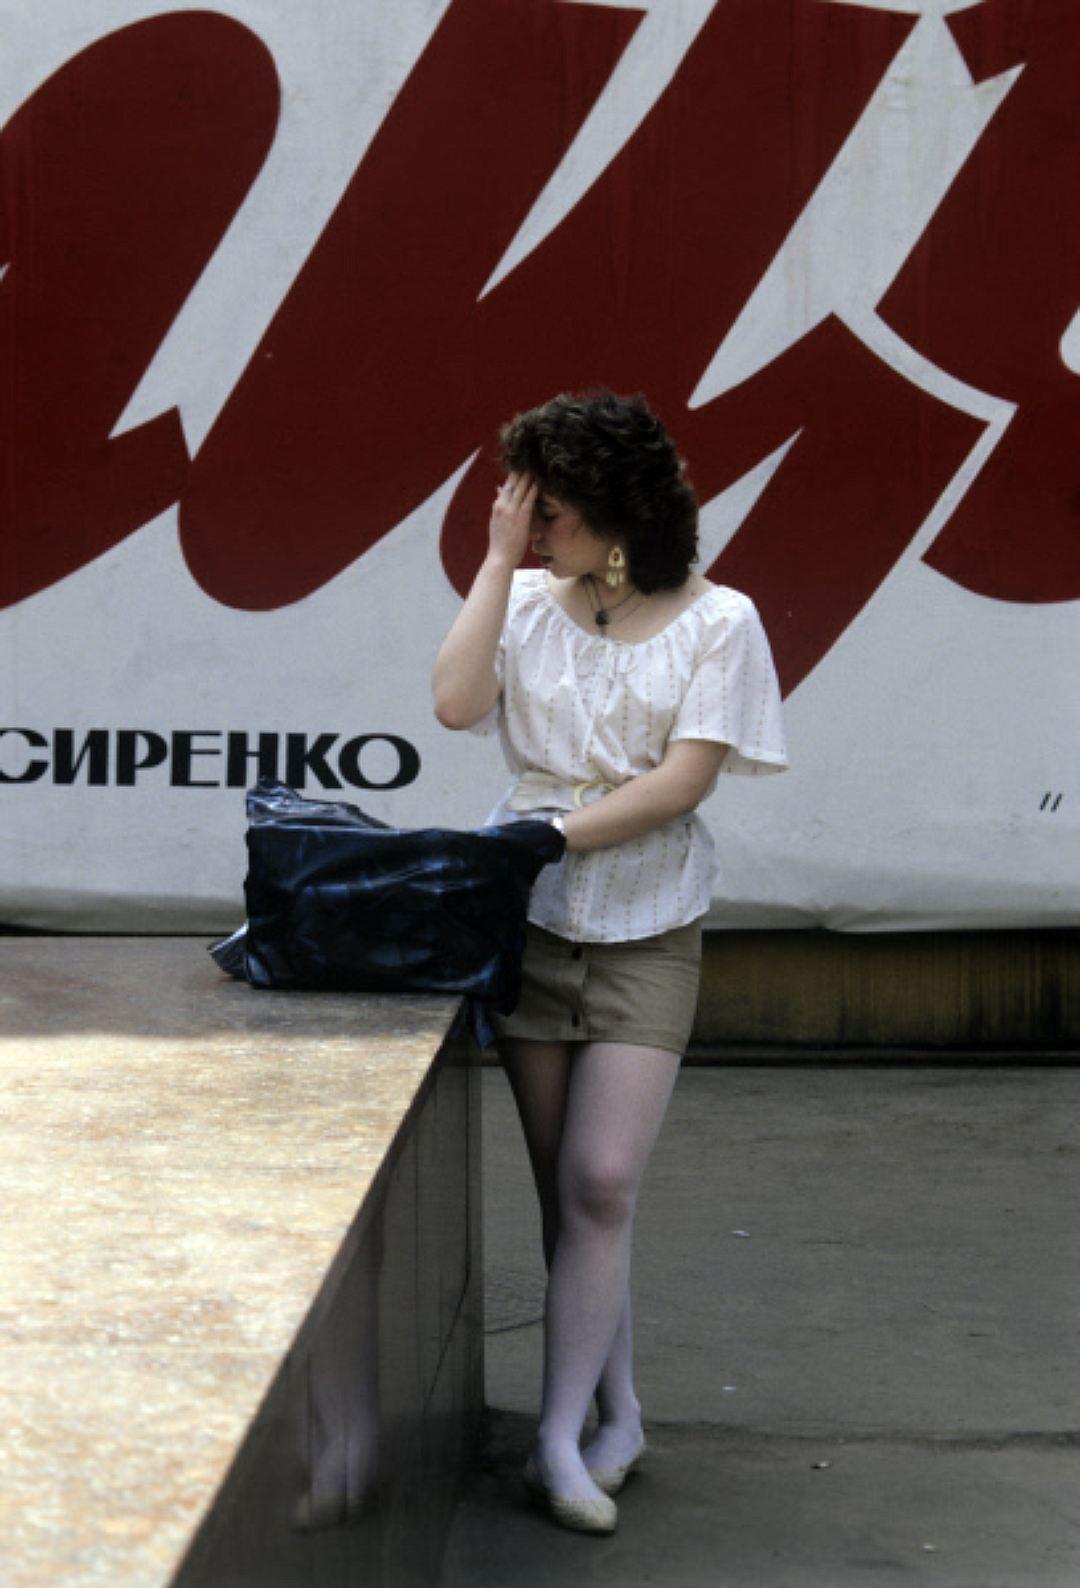 Девушка на Арбате в Москве, 1990 год. Малиновые пиджаки у мужчин К середине 90-х часть мужчин из спо